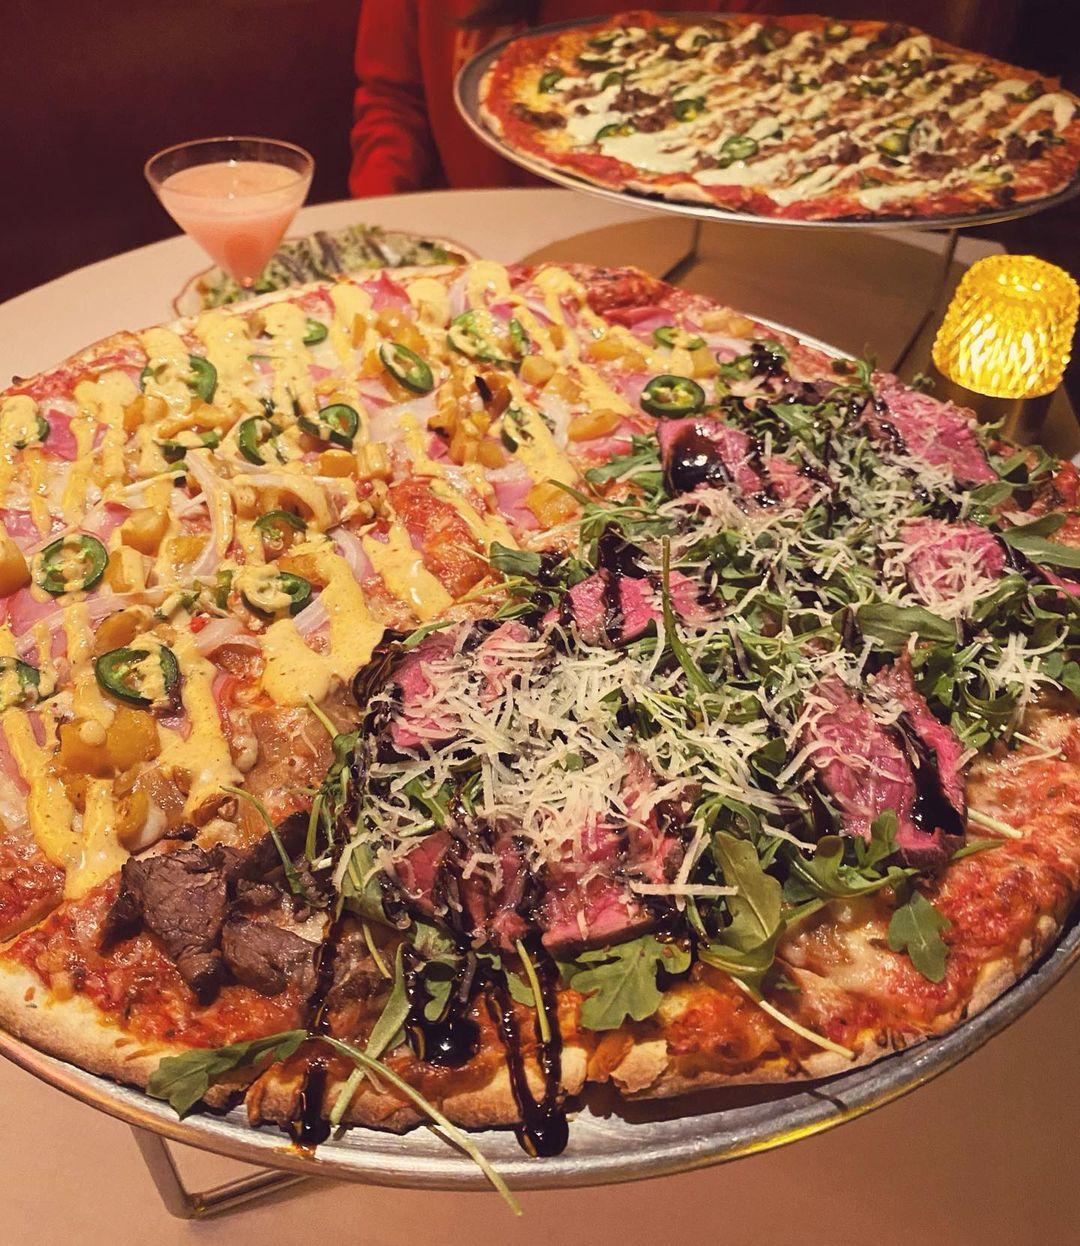 两个薄皮披萨放在桌子上